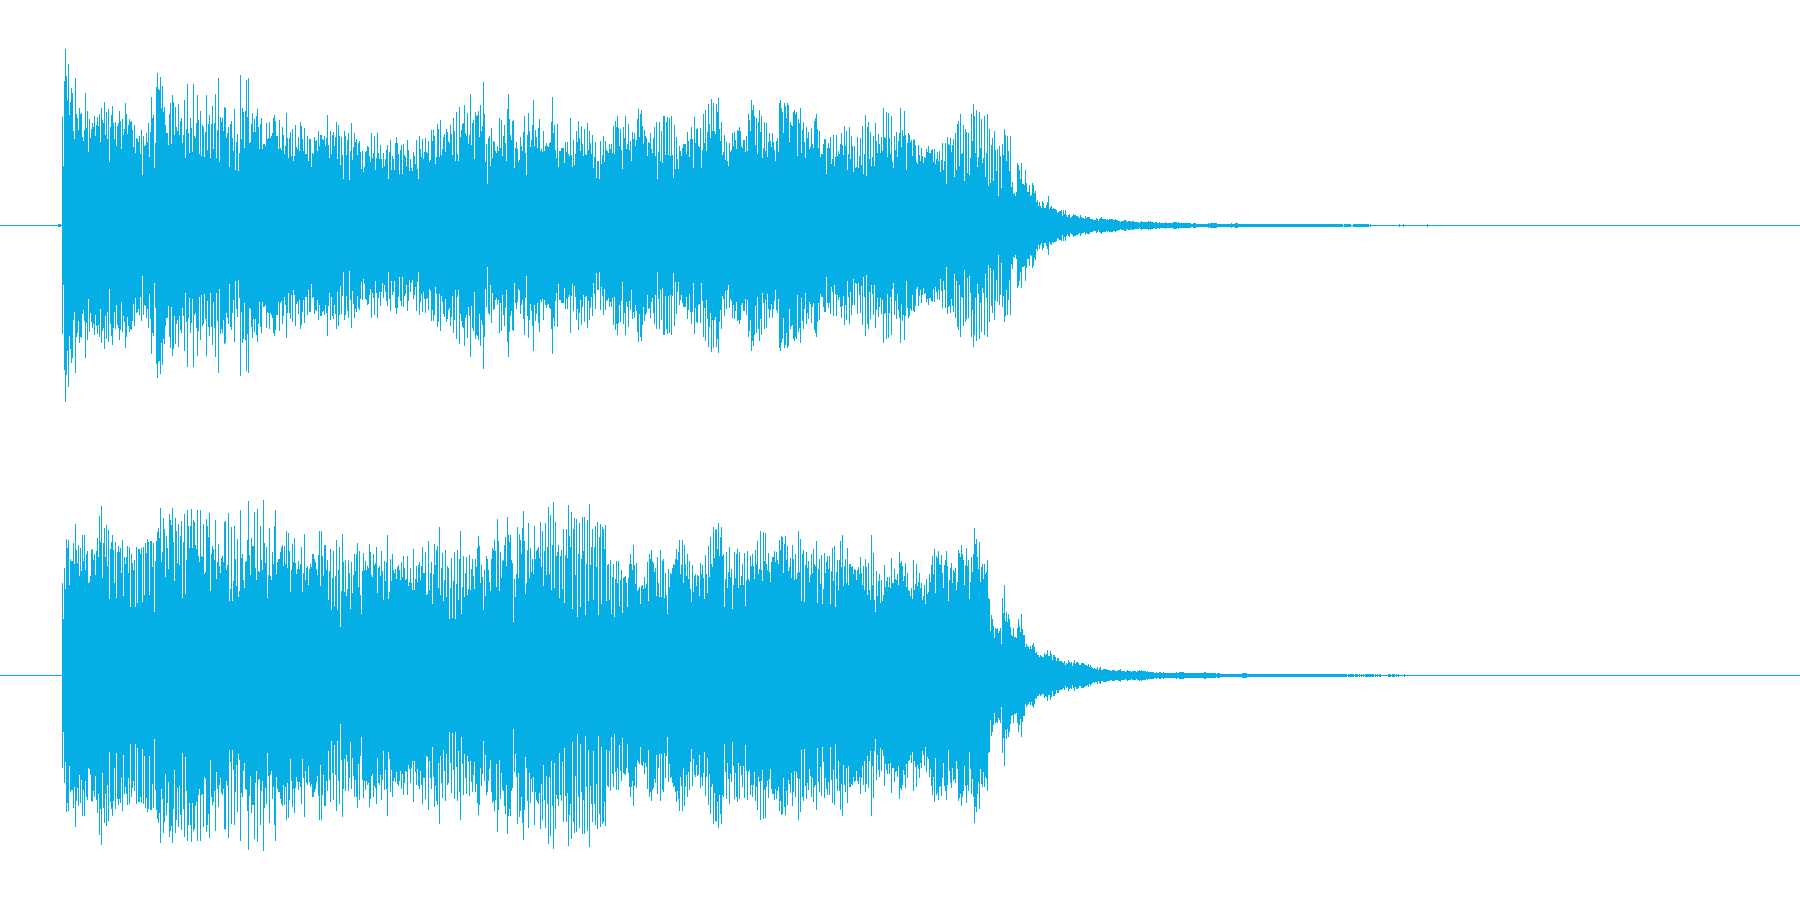 宇宙感のあるシンセサイザーテクノ(短め)の再生済みの波形